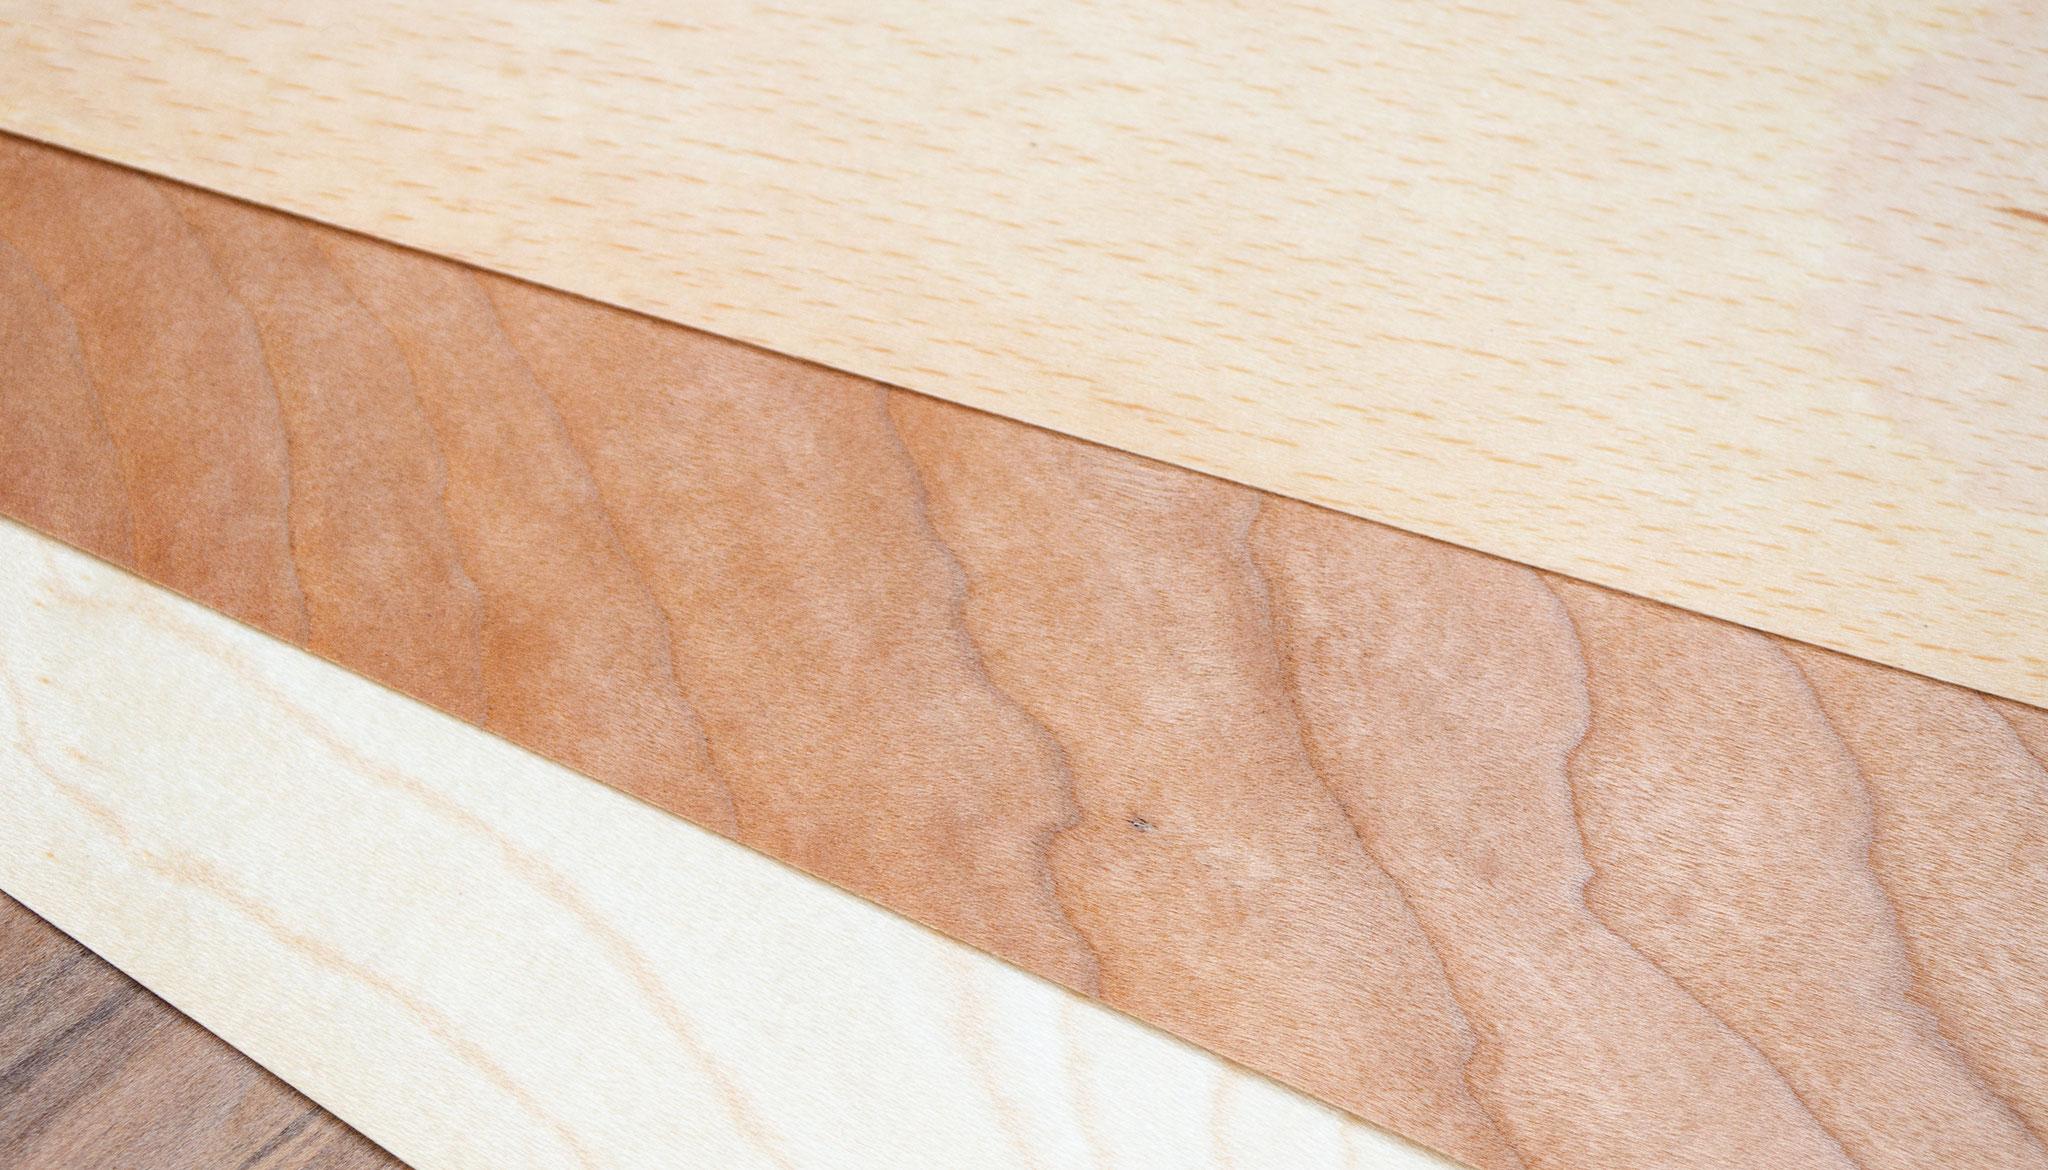 Echtholz ist in verschiedenen Sorten erhältlich